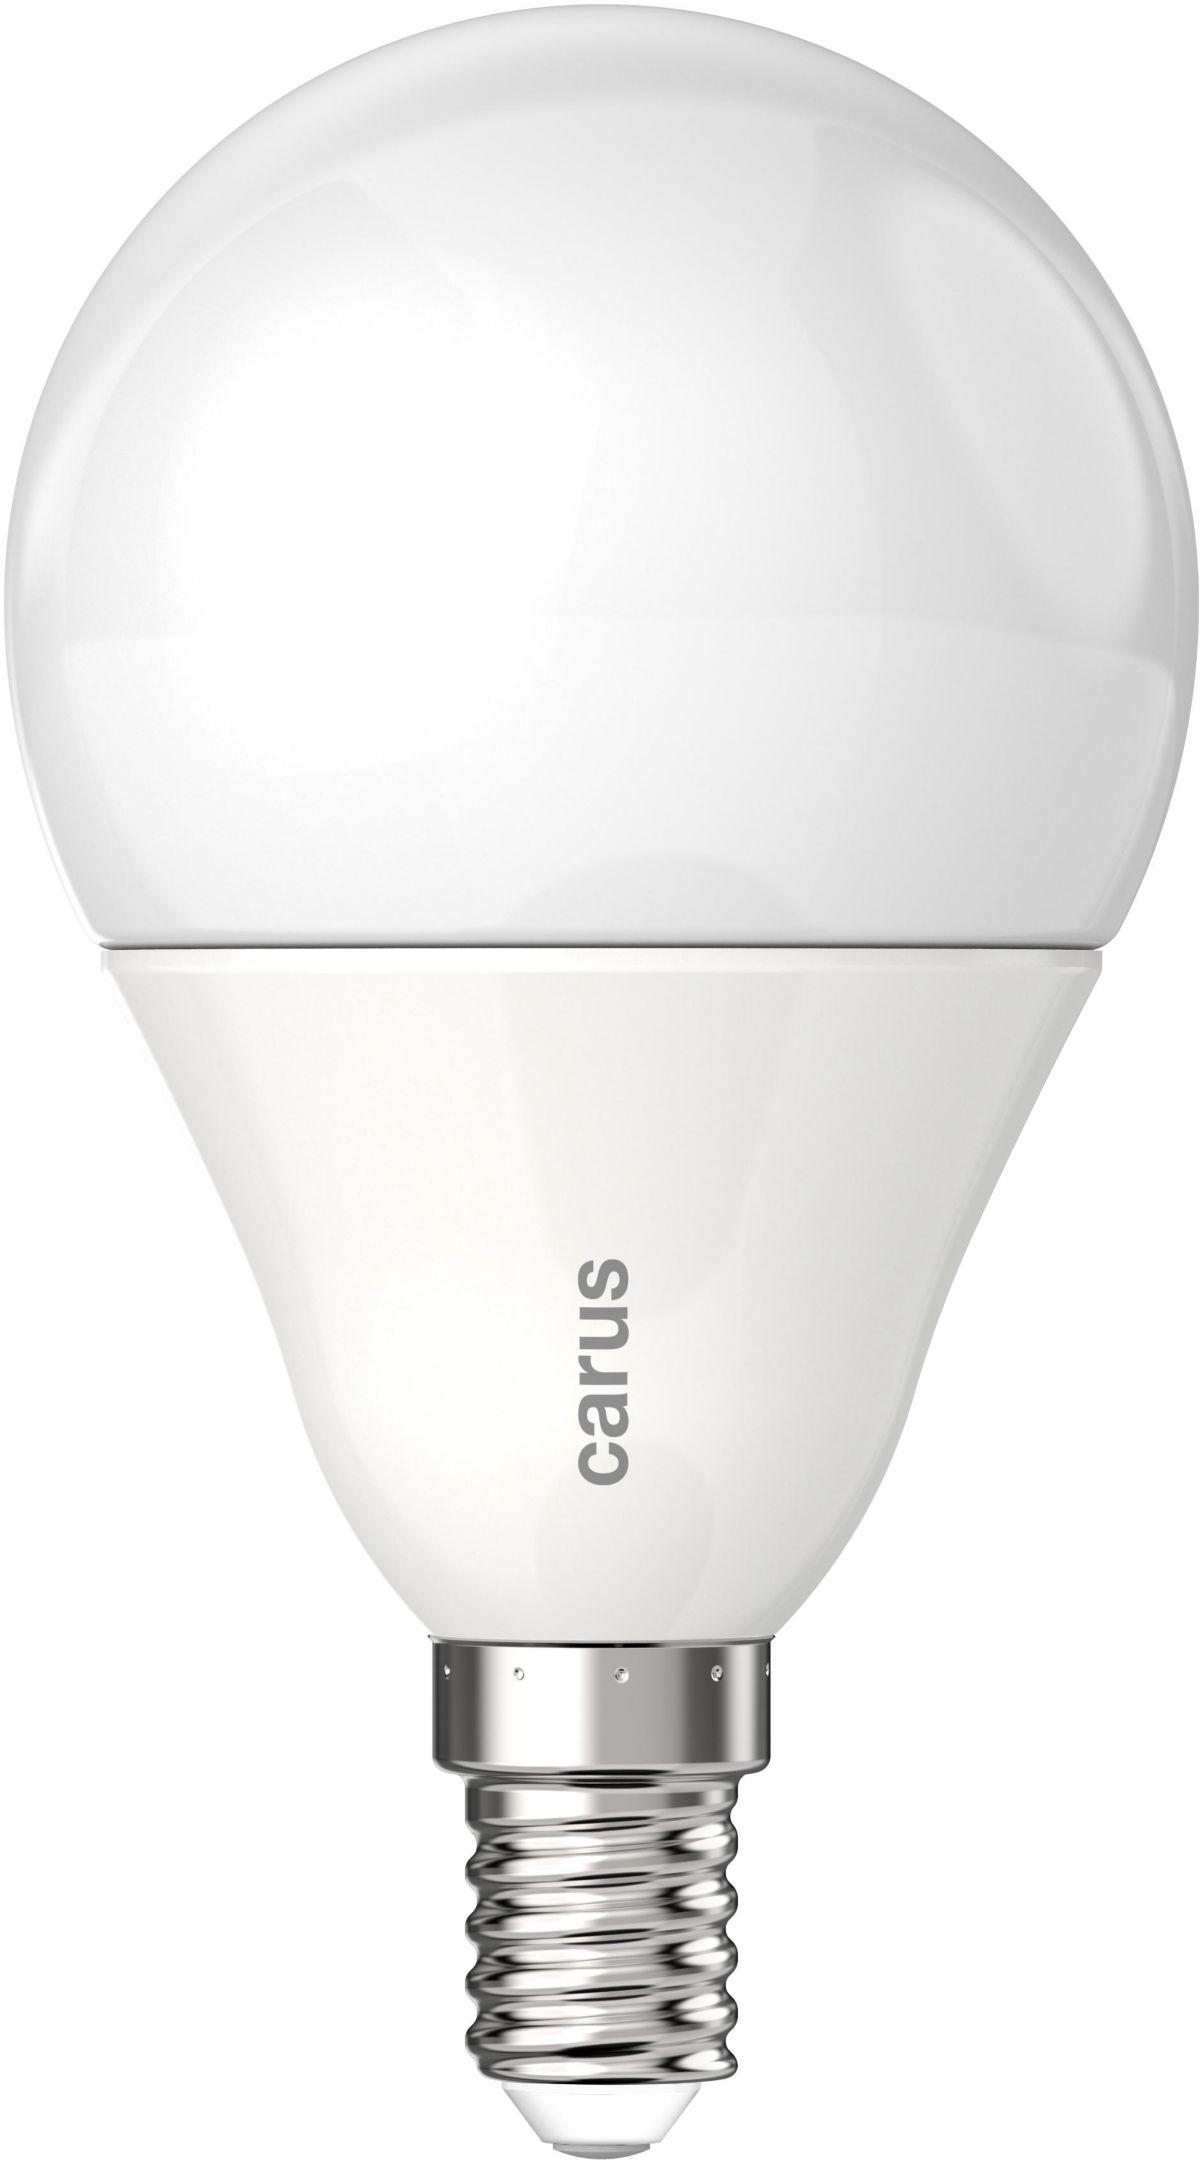 carus »Classic E14« LED-Leuchtmittel, E14, Warm...